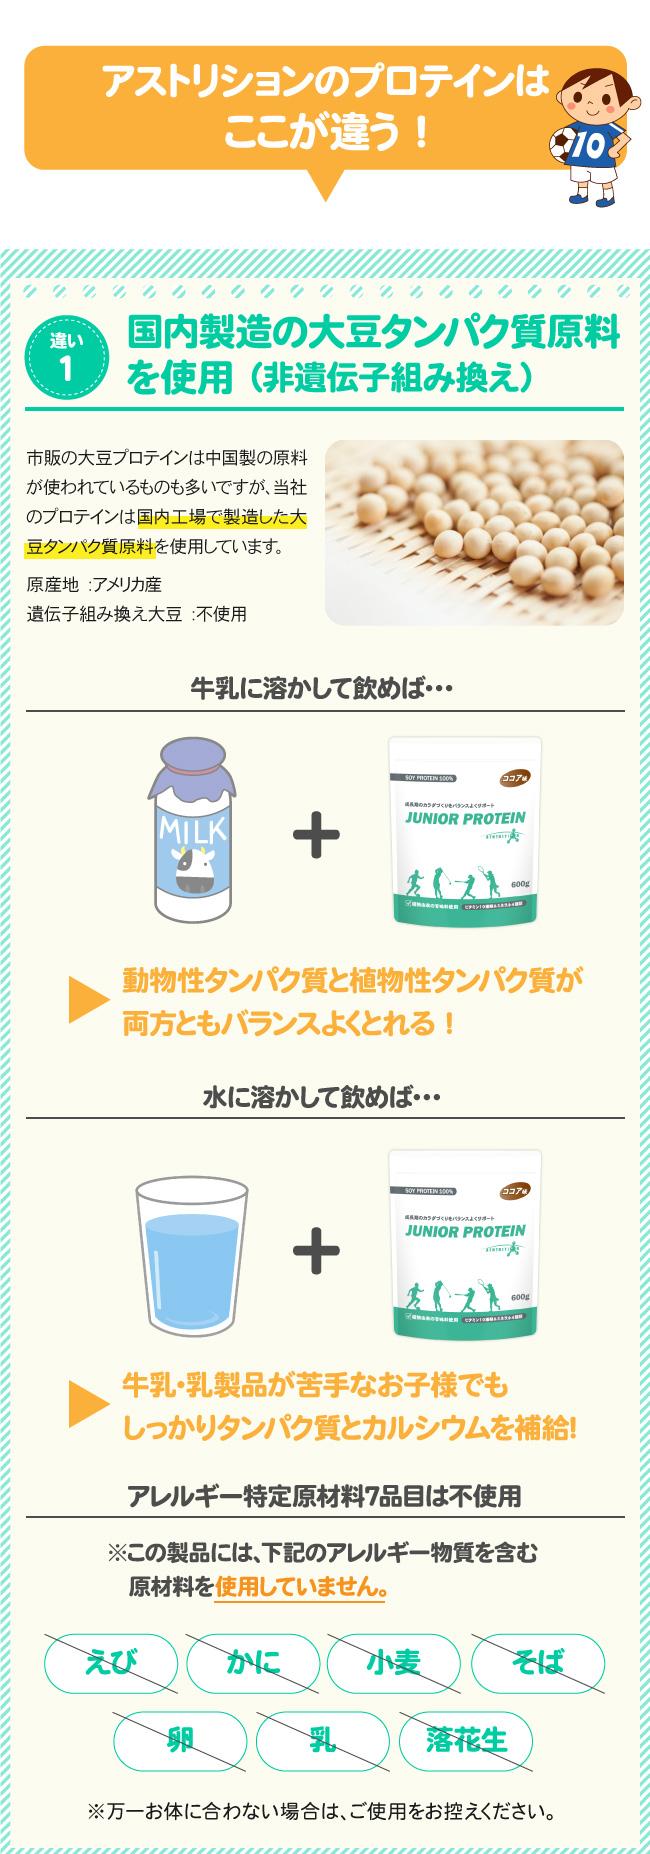 特徴1:国内製造の大豆タンパク質を使用